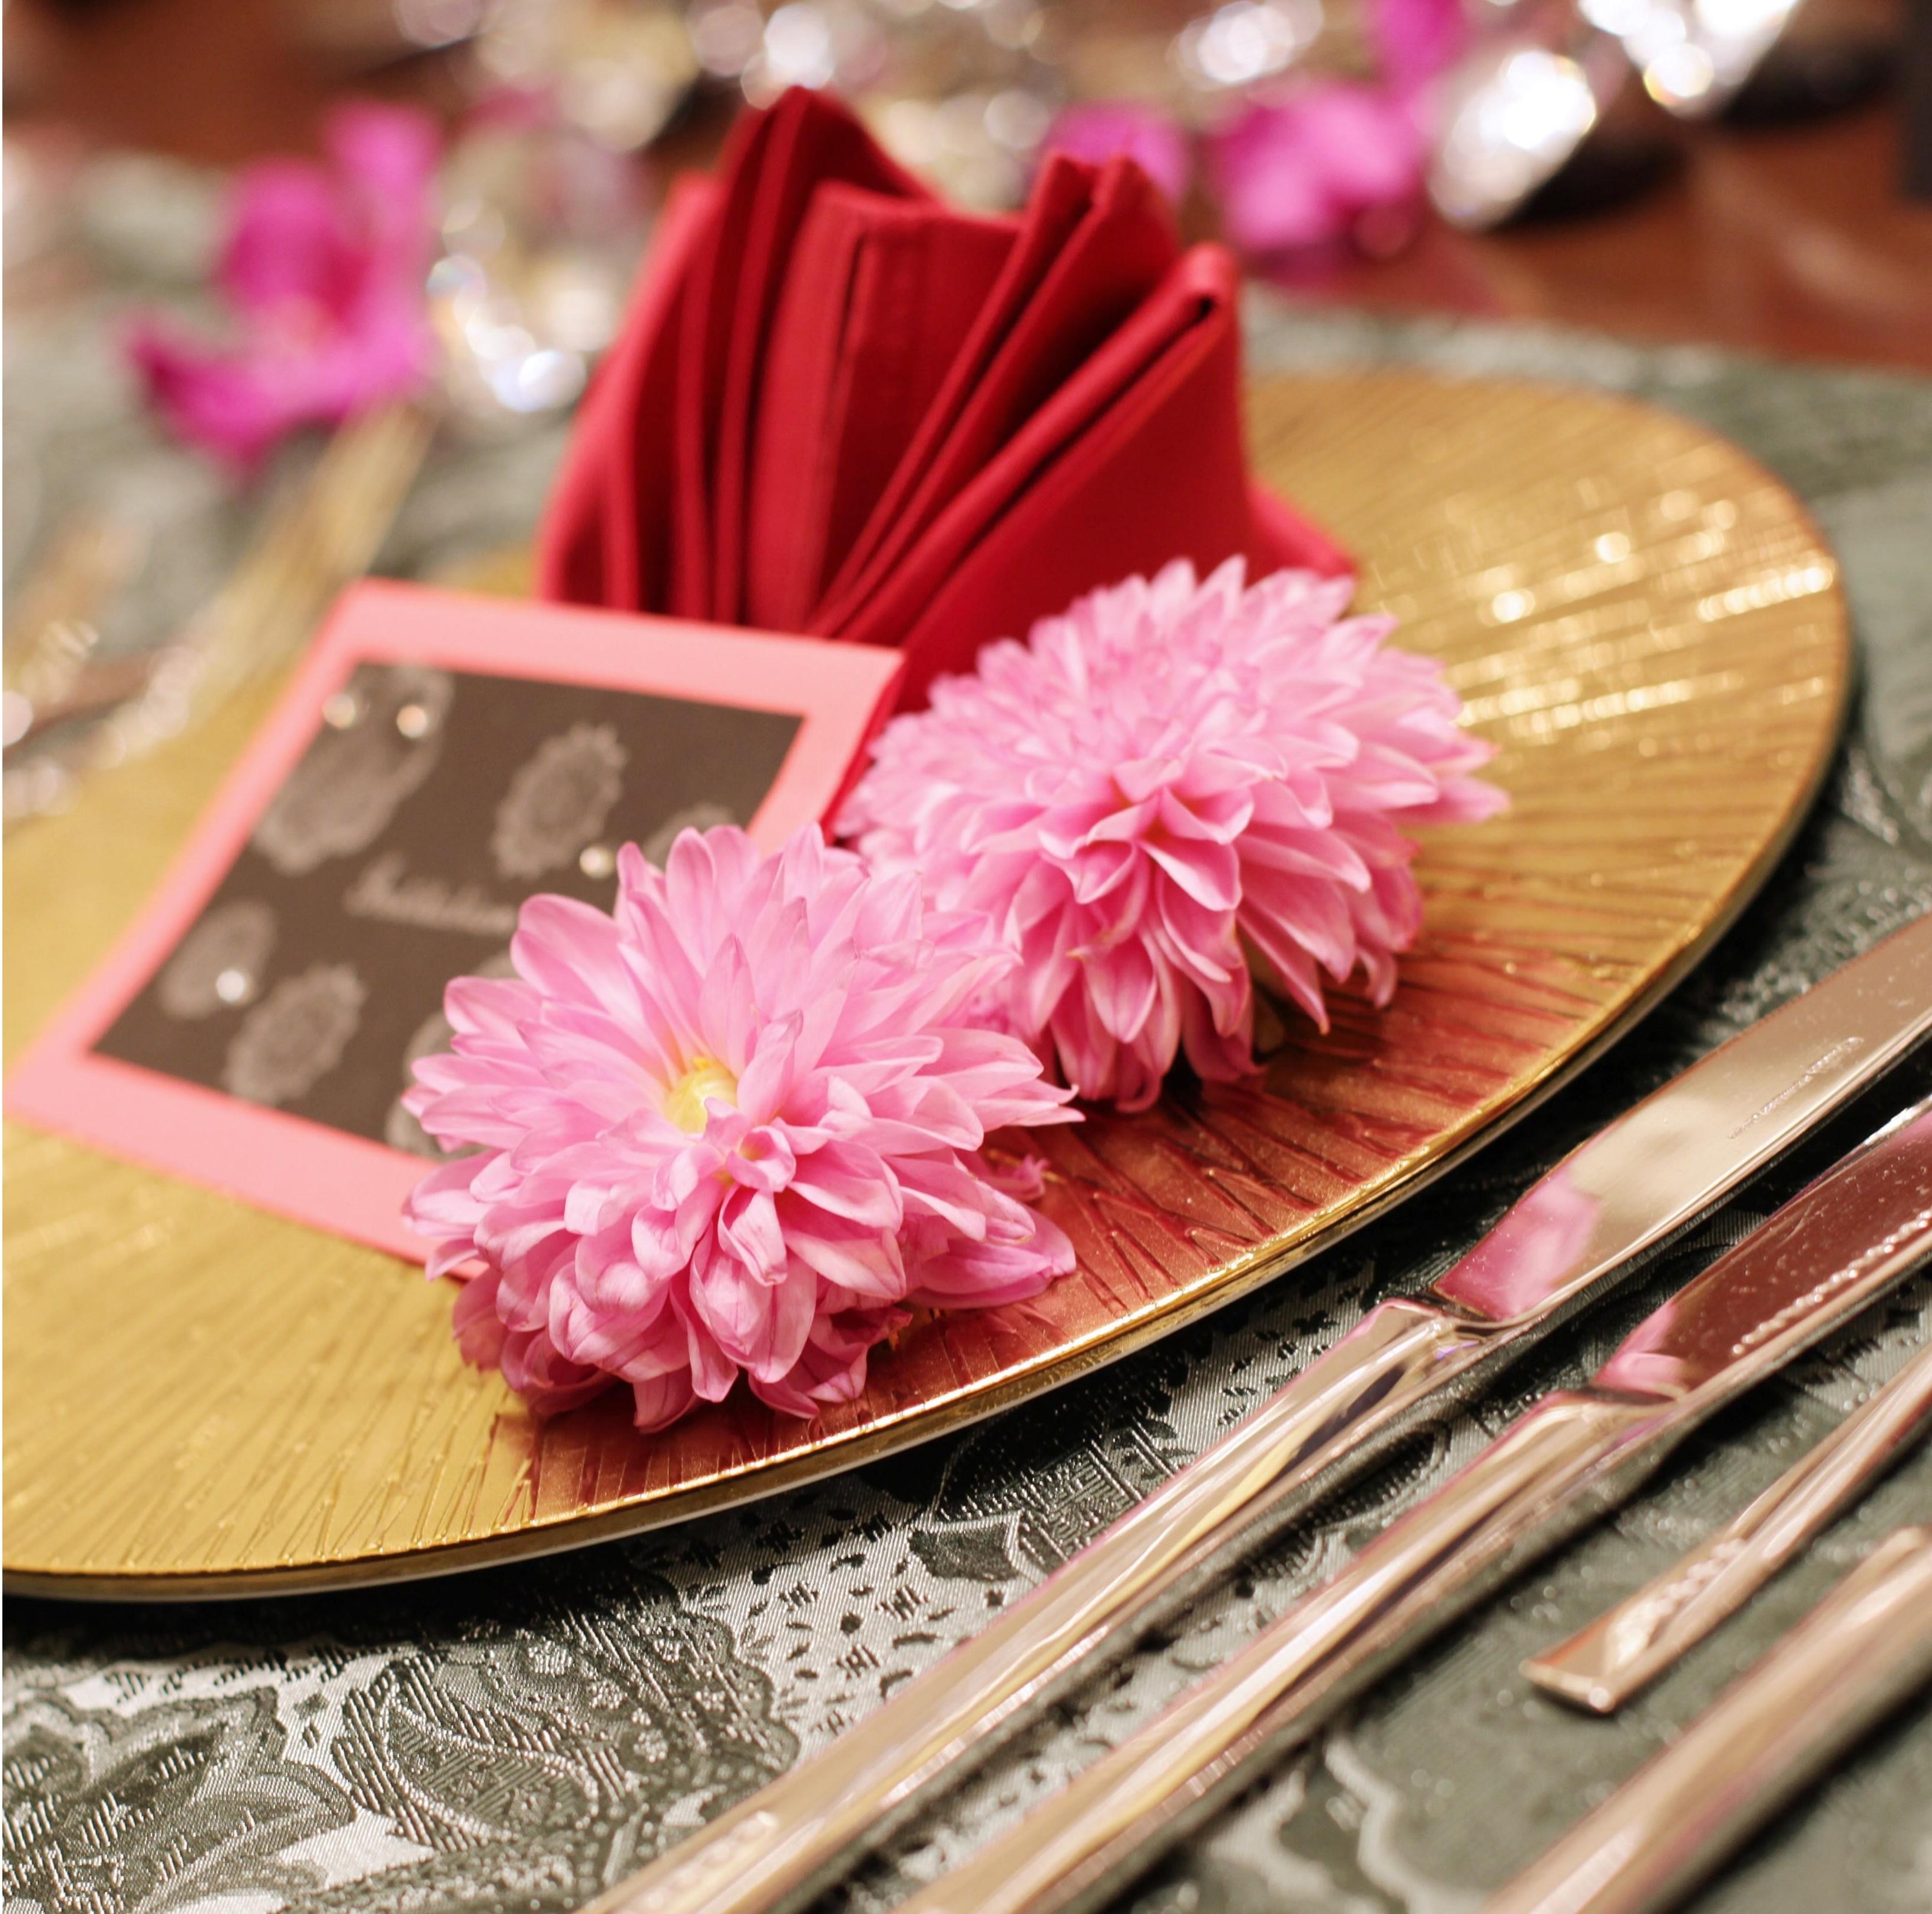 【新年最初BIGな3日間】★結婚が決まったら★新春総合フェア